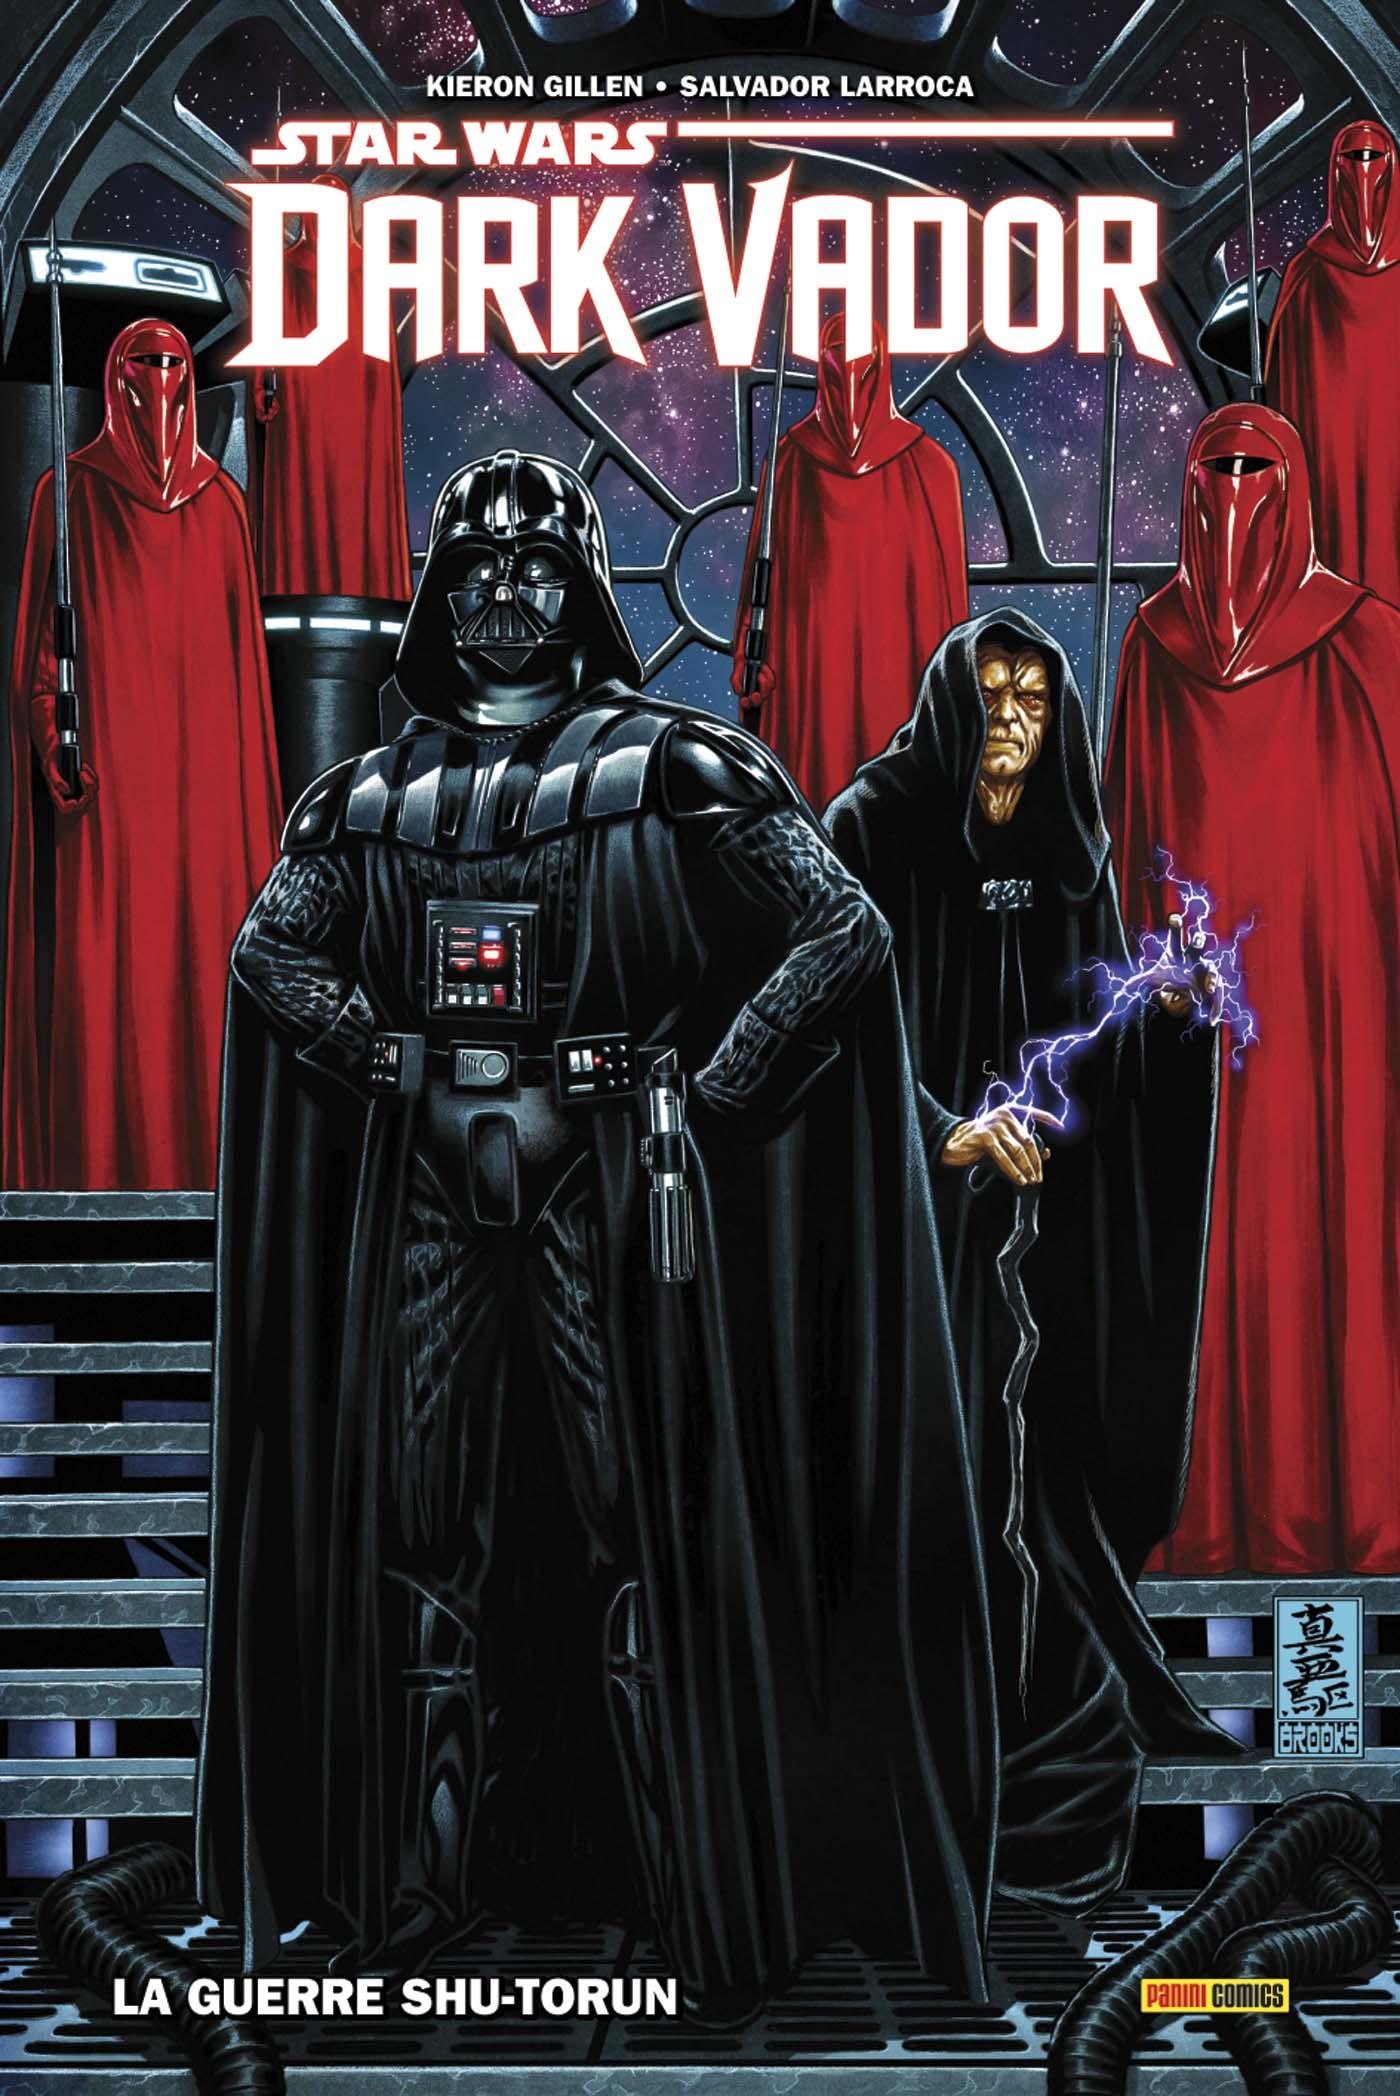 Star Wars - Darth Vader 2 - LA GUERRE SHU-TORUN